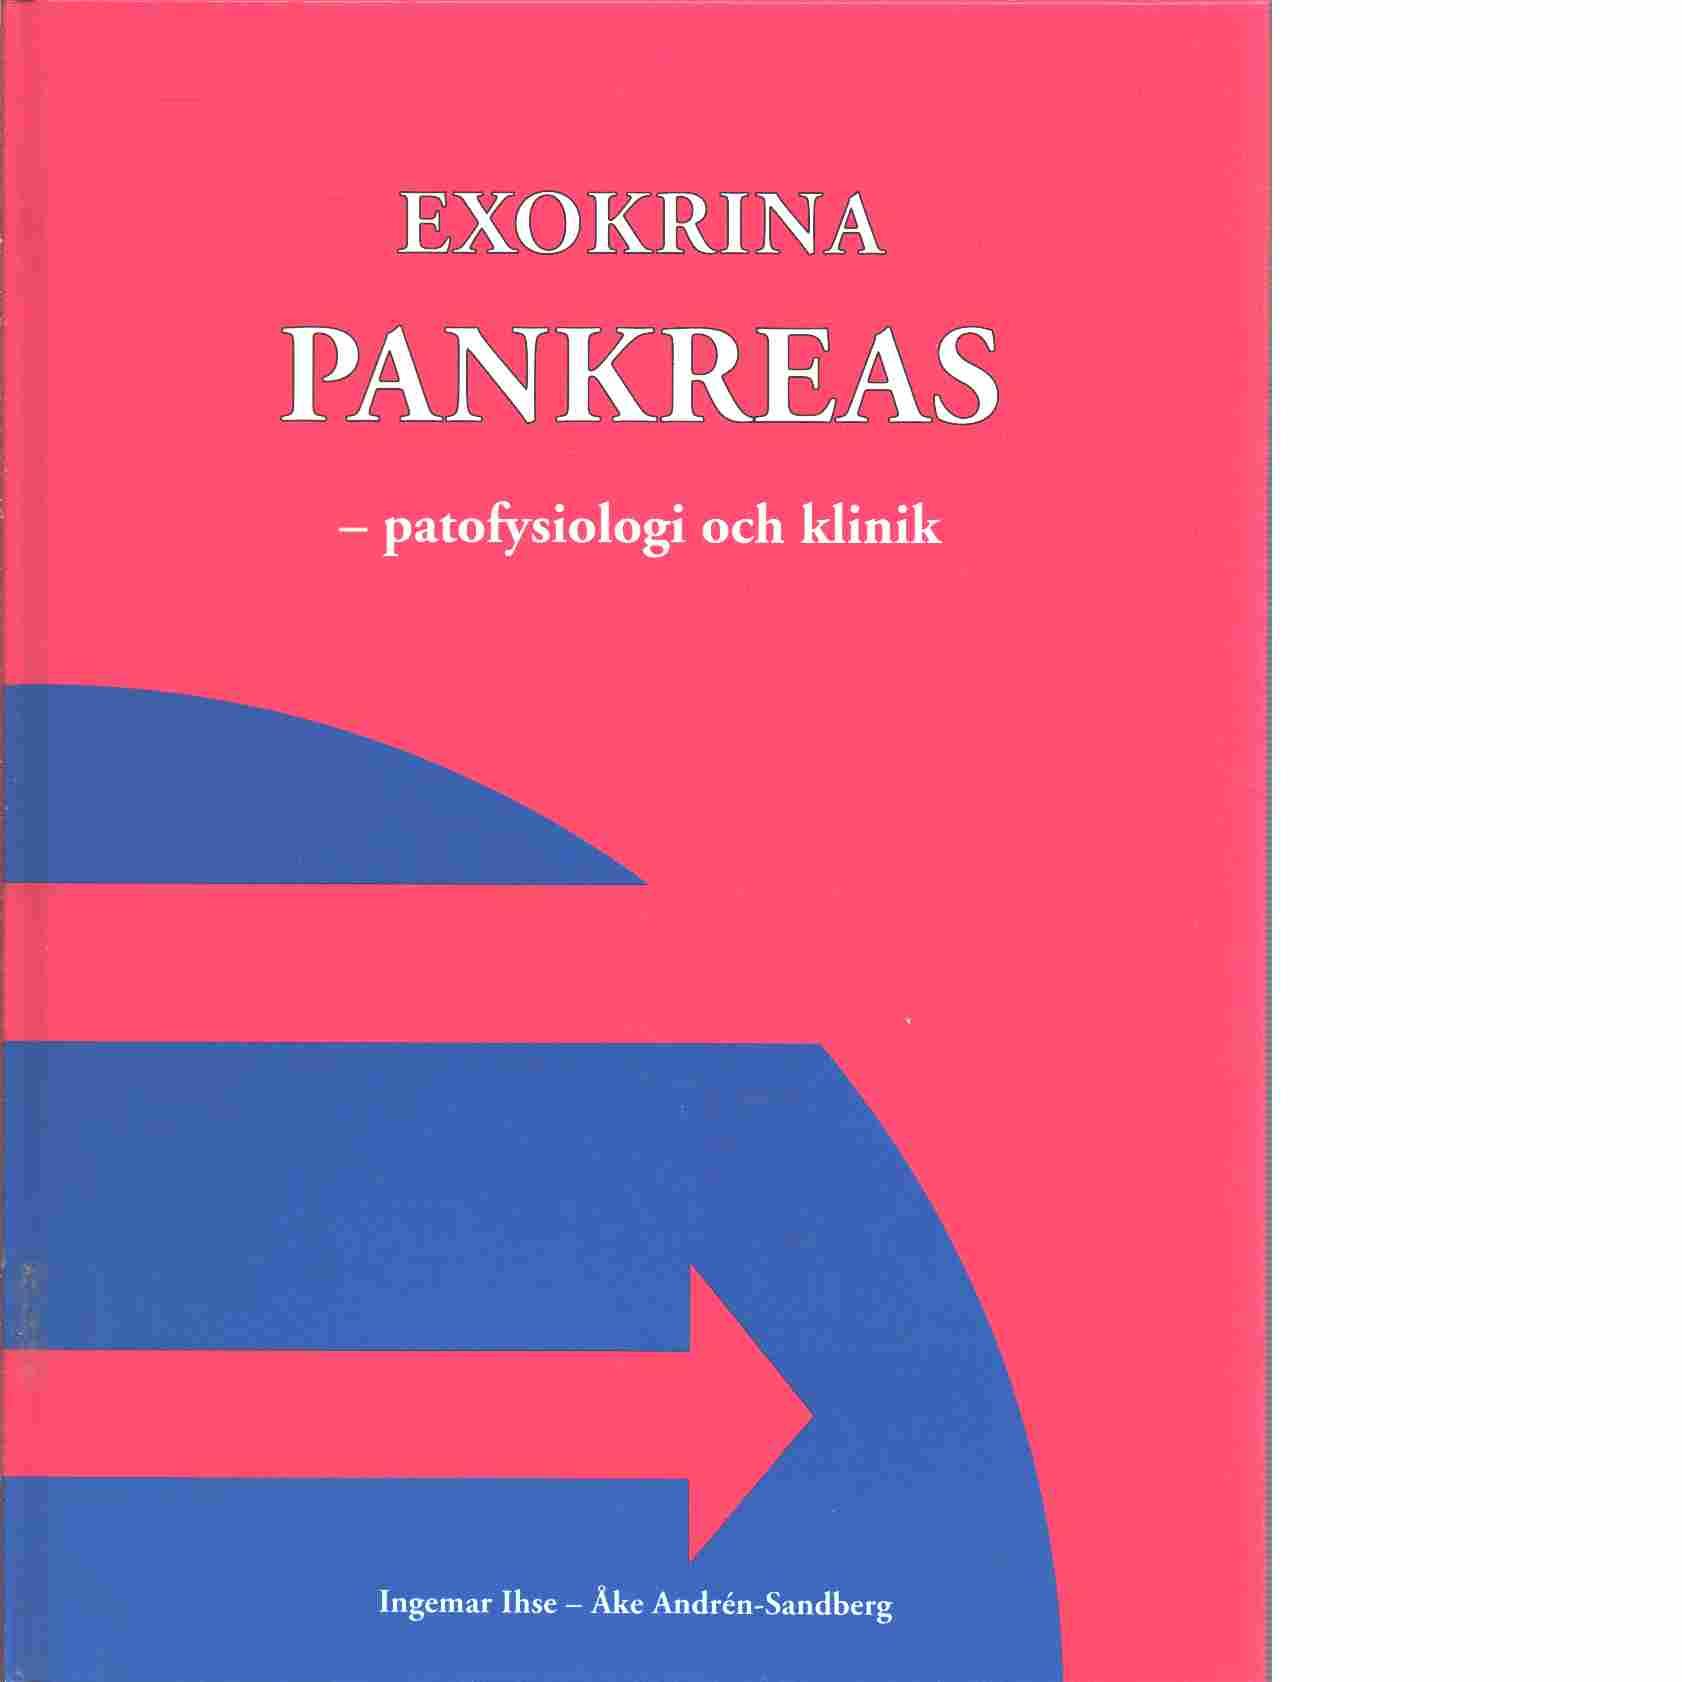 Exokrina pankreas : patofysiologi och klinik - Ihse, Ingemar och Andrén-Sandberg, Åke